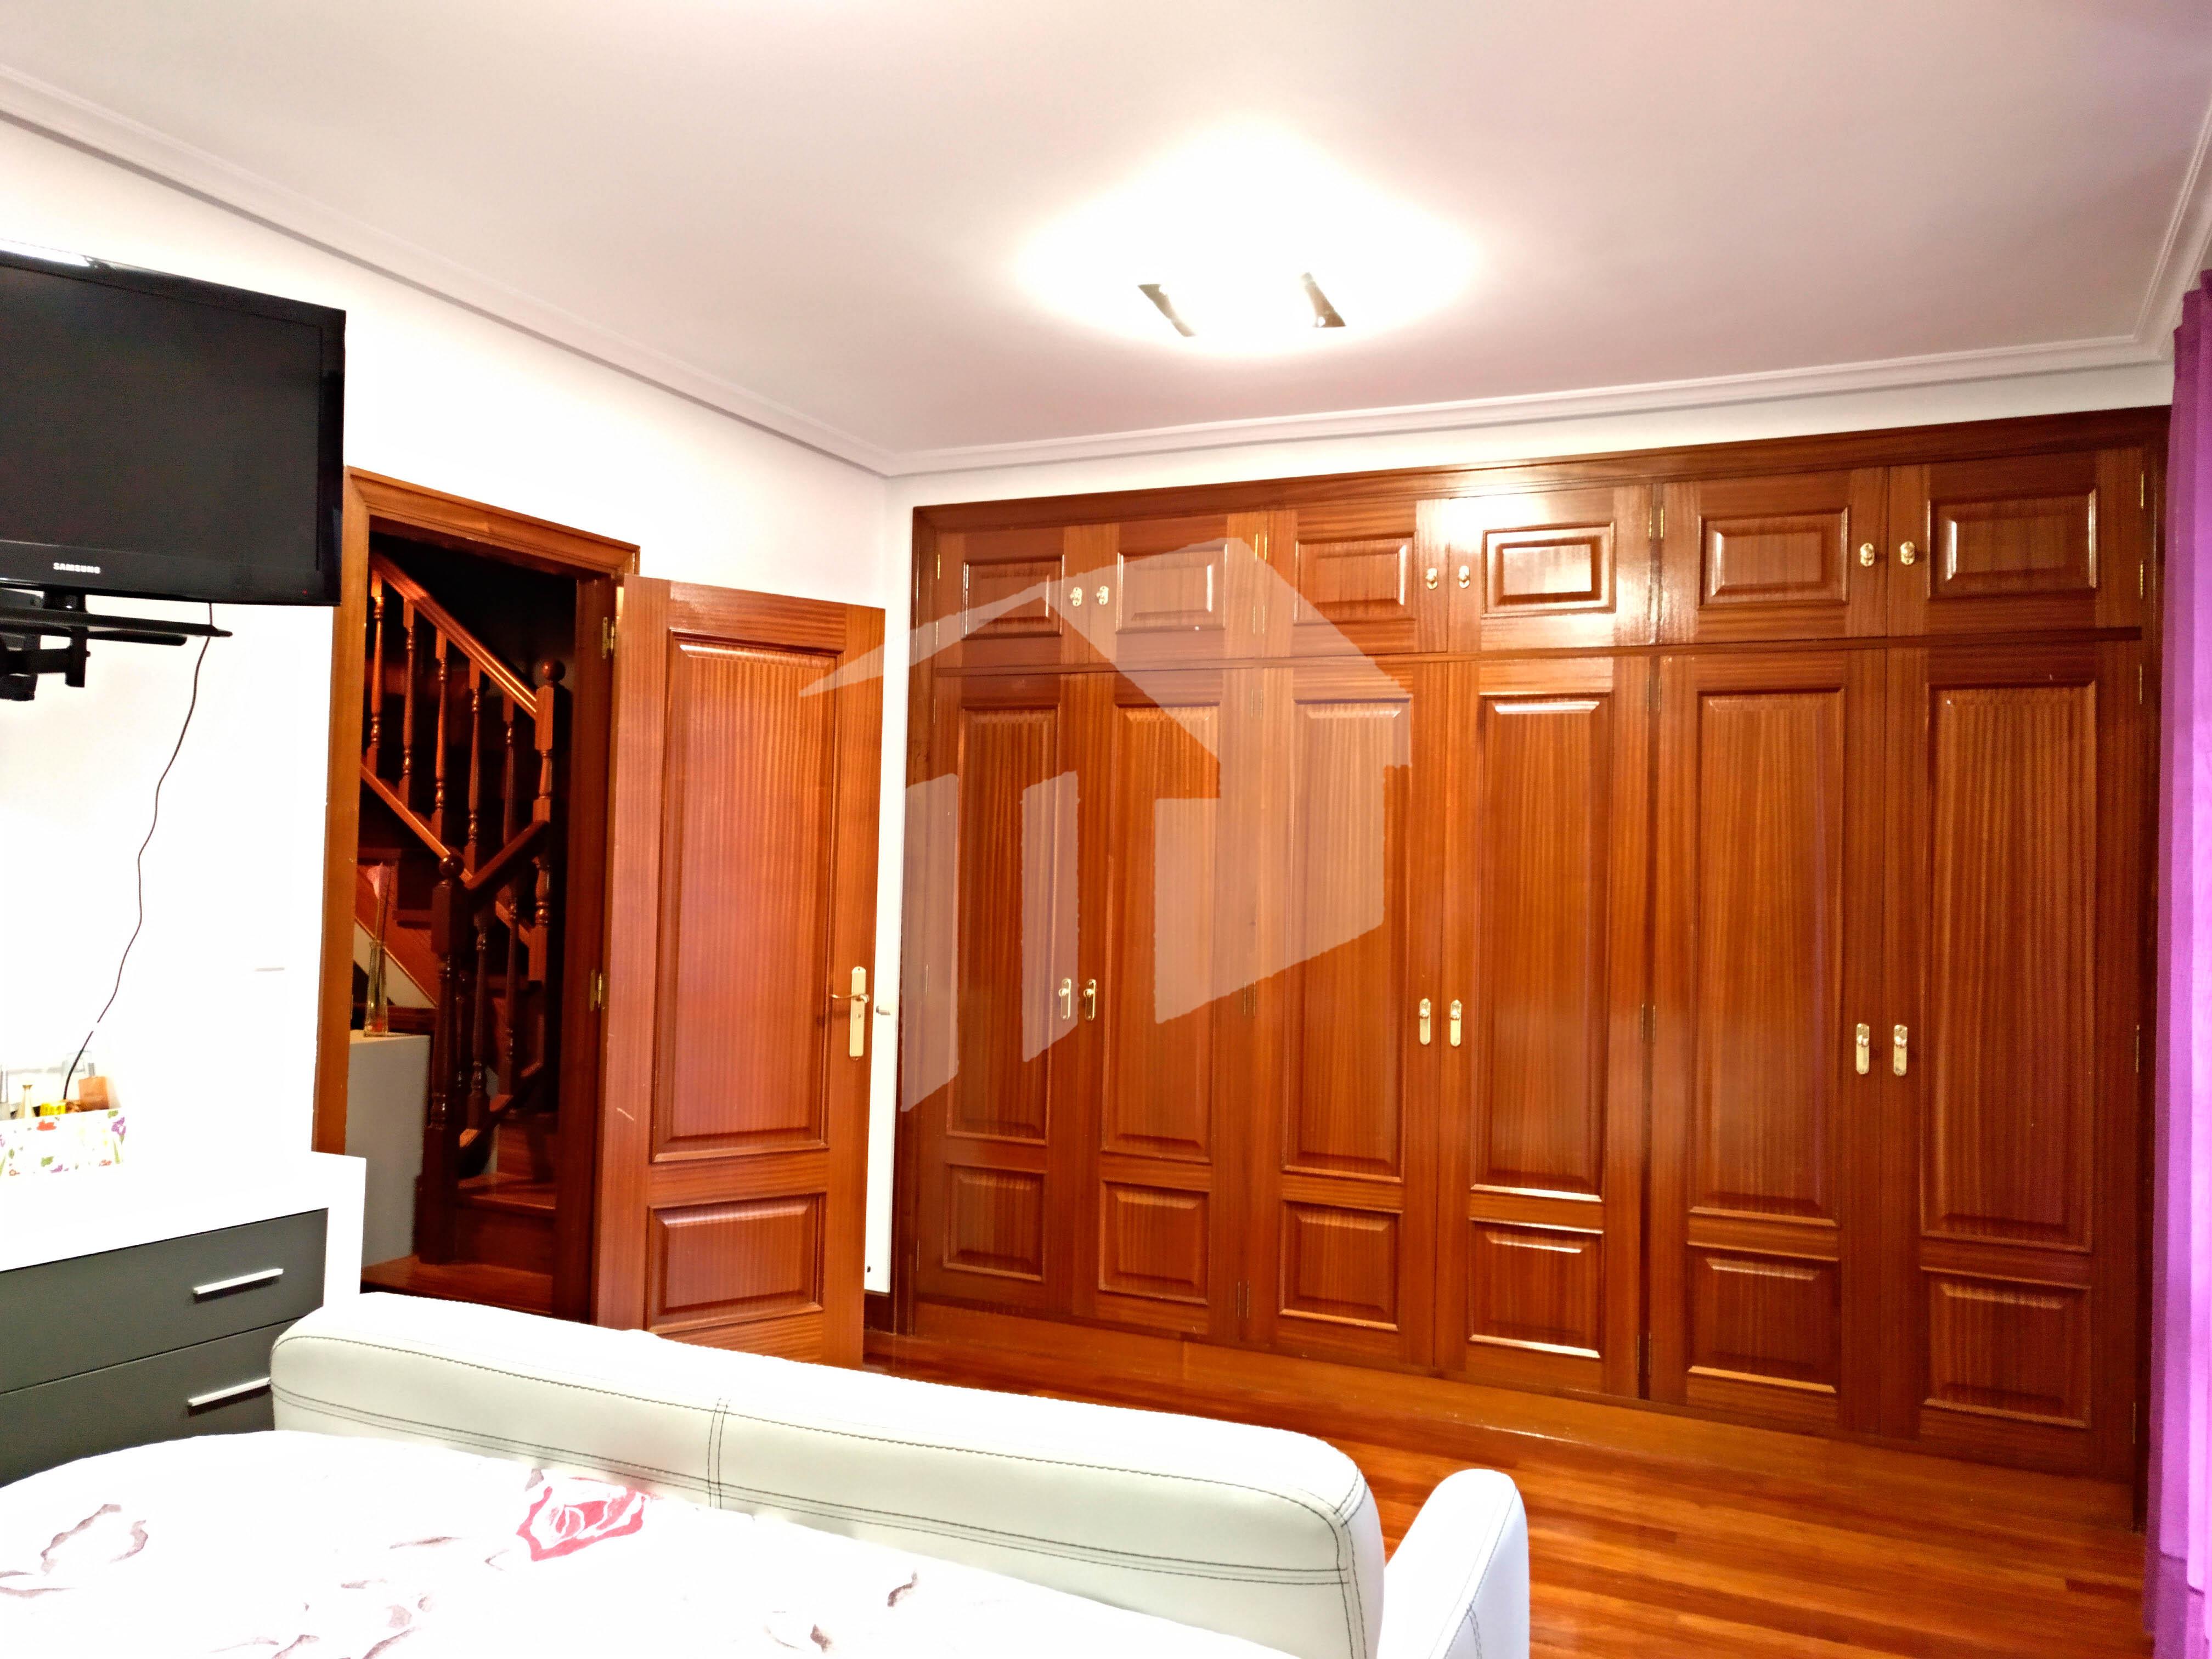 MAGNIFICA VILLA de 223, 45m² con gran salón comedor, 4 dormitorios, 1 aseo y tres baños completos, cocina independiente con salida a porche y gran terraza de 90m², garaje de 40m².